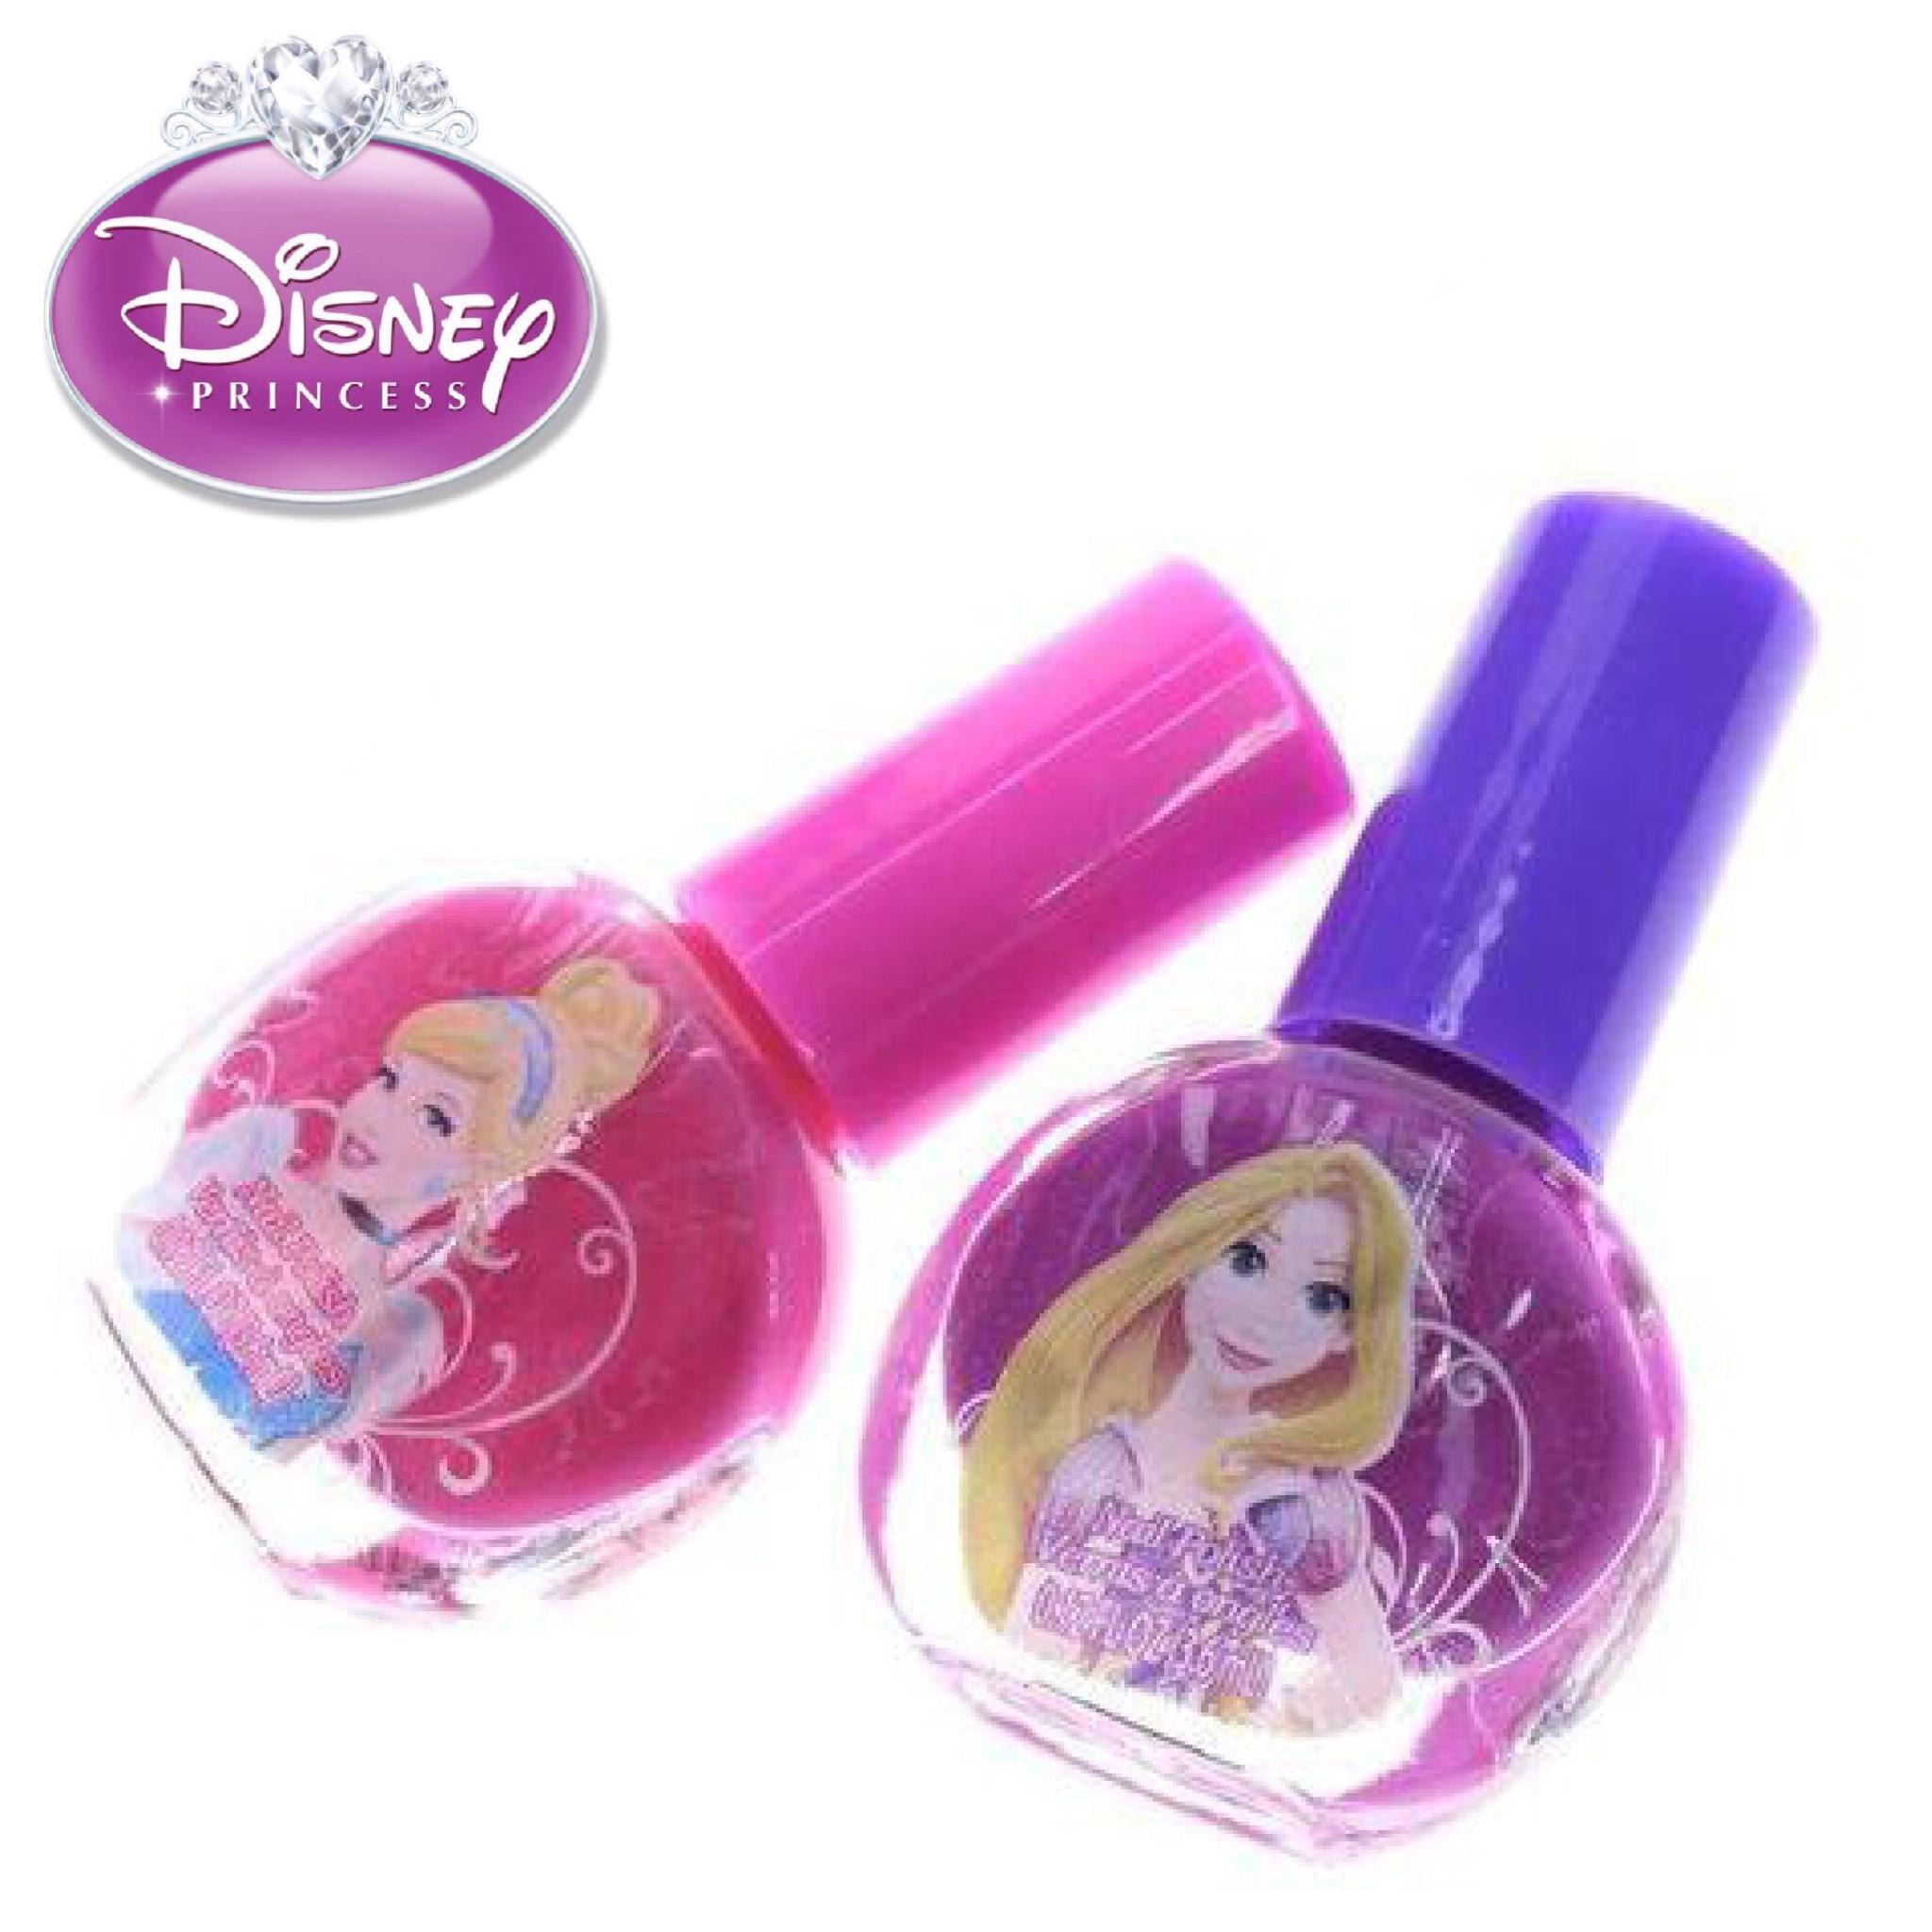 ชุดยาทาเล็บปลอดสารพิษสำหรับเด็ก Townleygirl 2-Pack Nail Polish Set (Disney Princess)